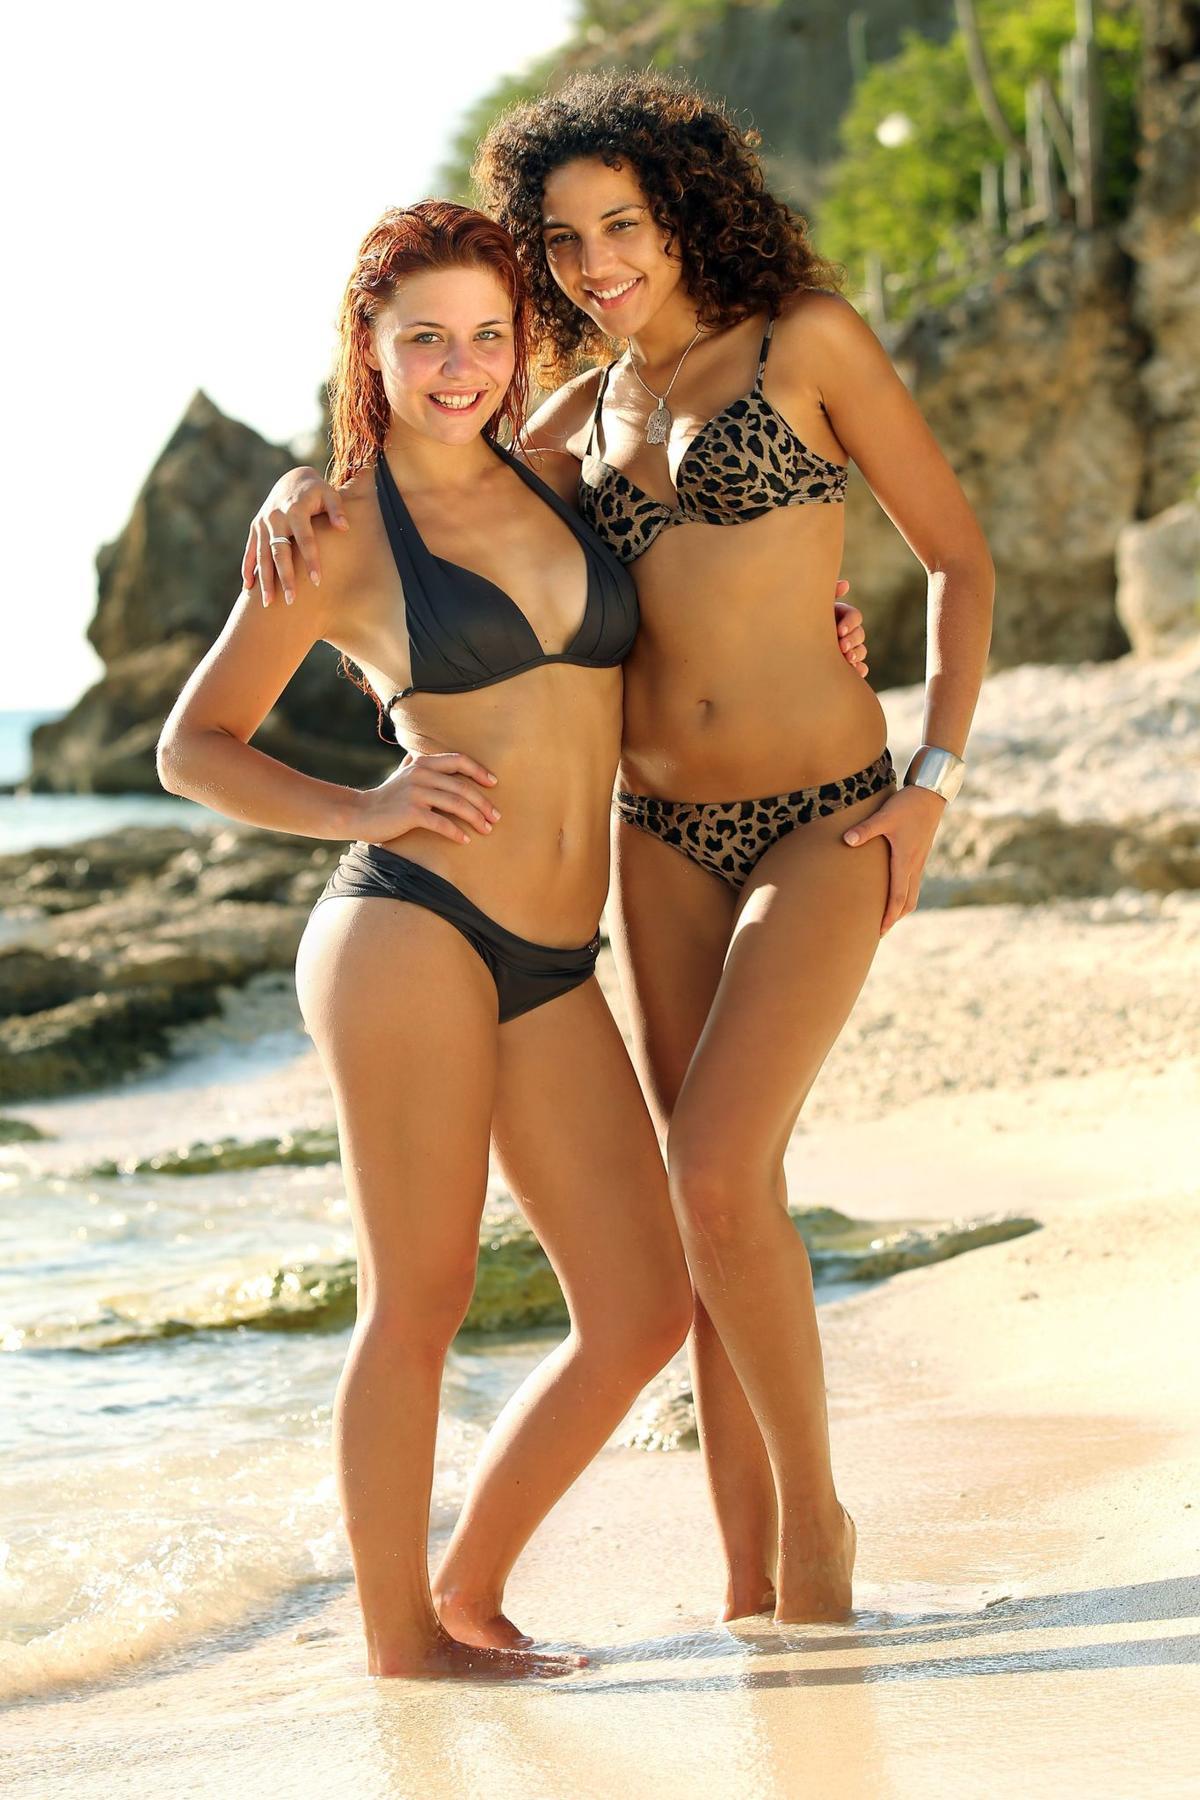 DSDS 2013: Die sexy Bikini-Bilder der Top 20-Kandidaten